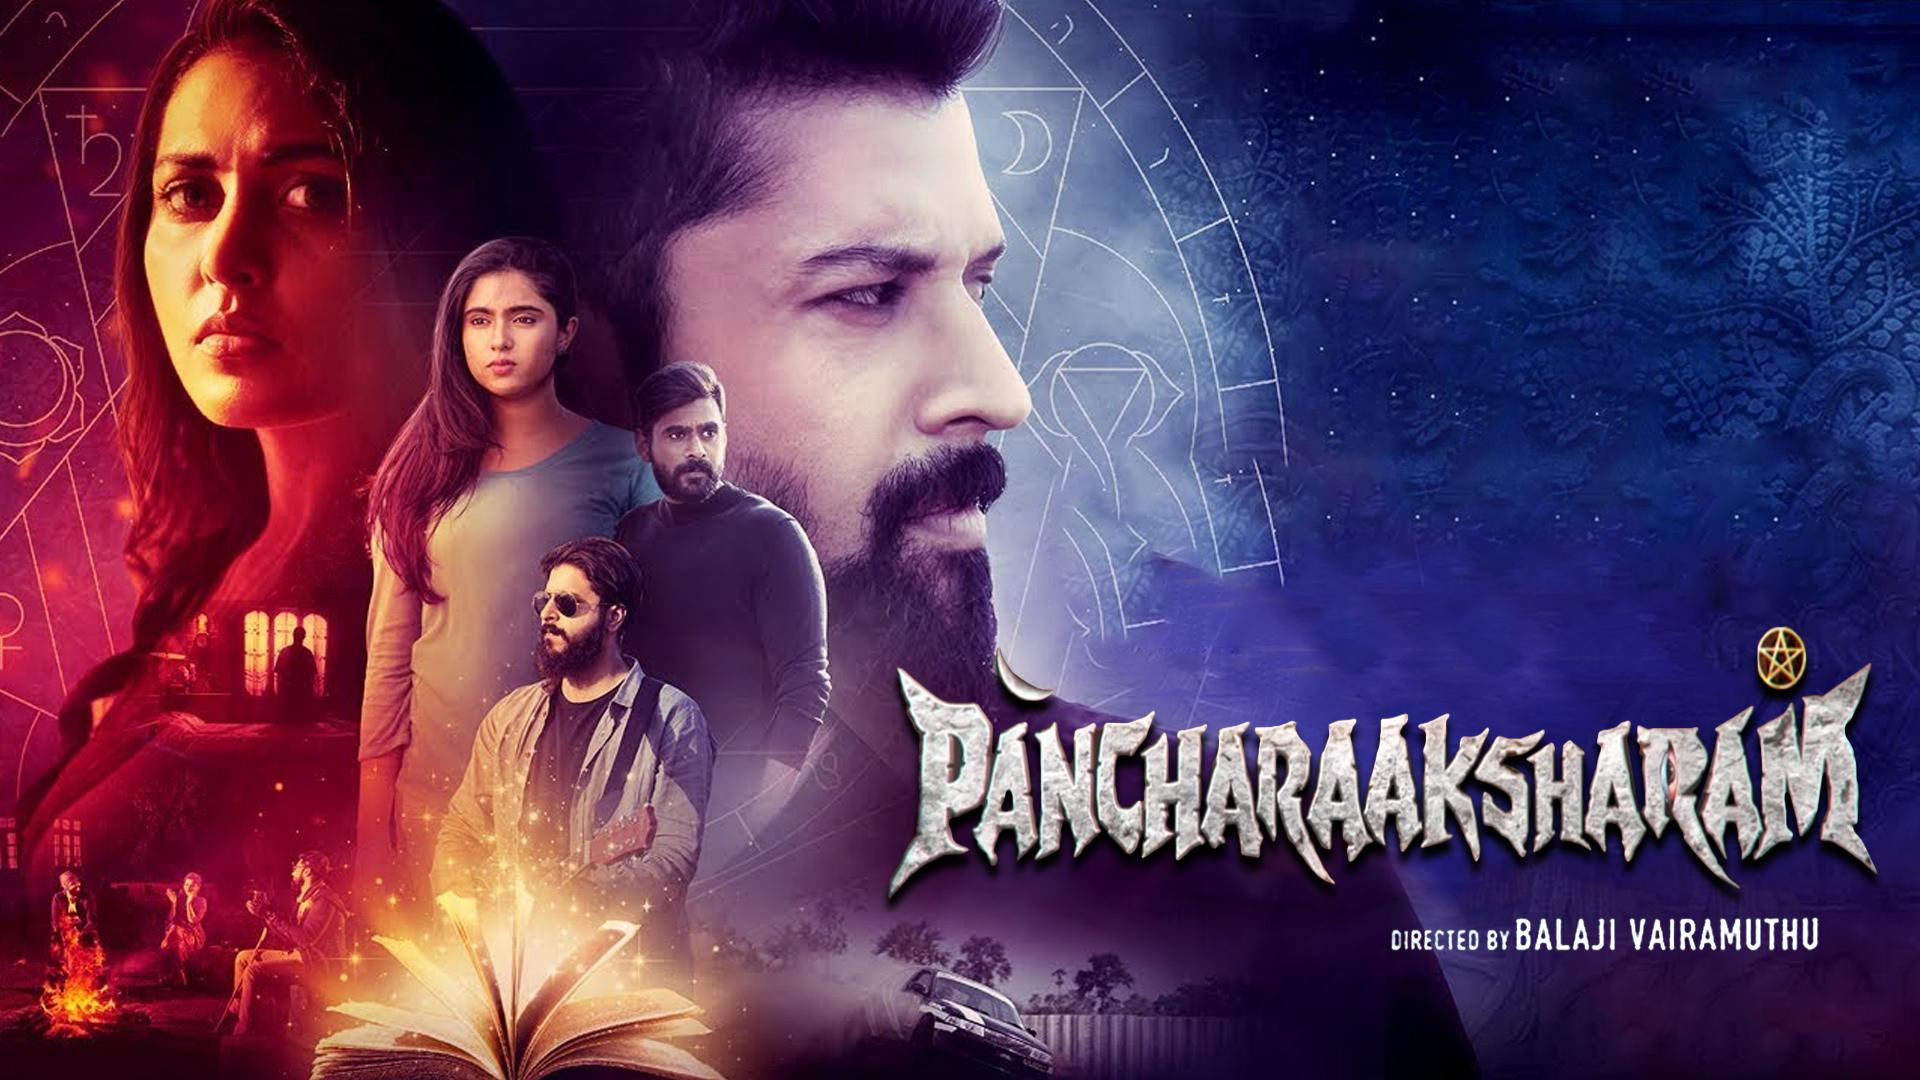 Pancharaaksharam